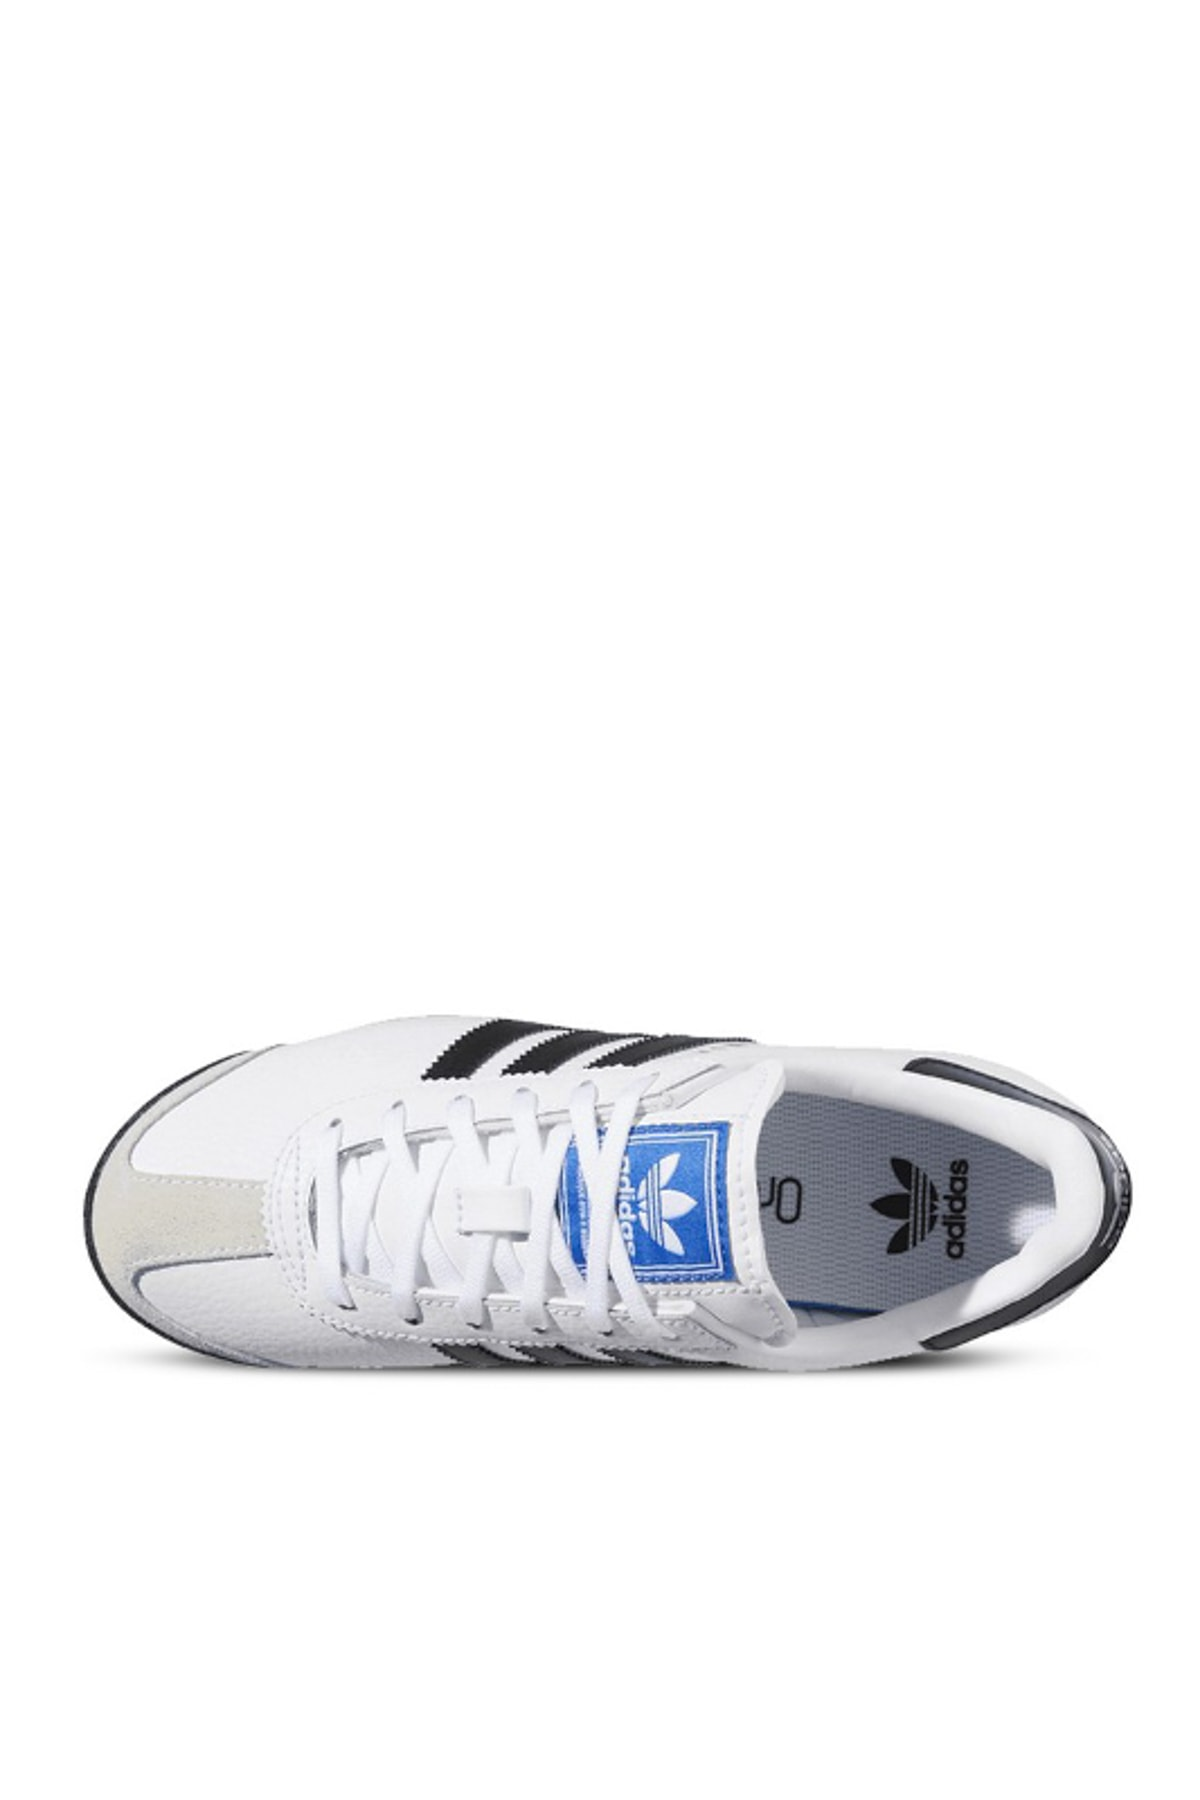 adidas SAMOA J Çocuk Spor Ayakkabı 2